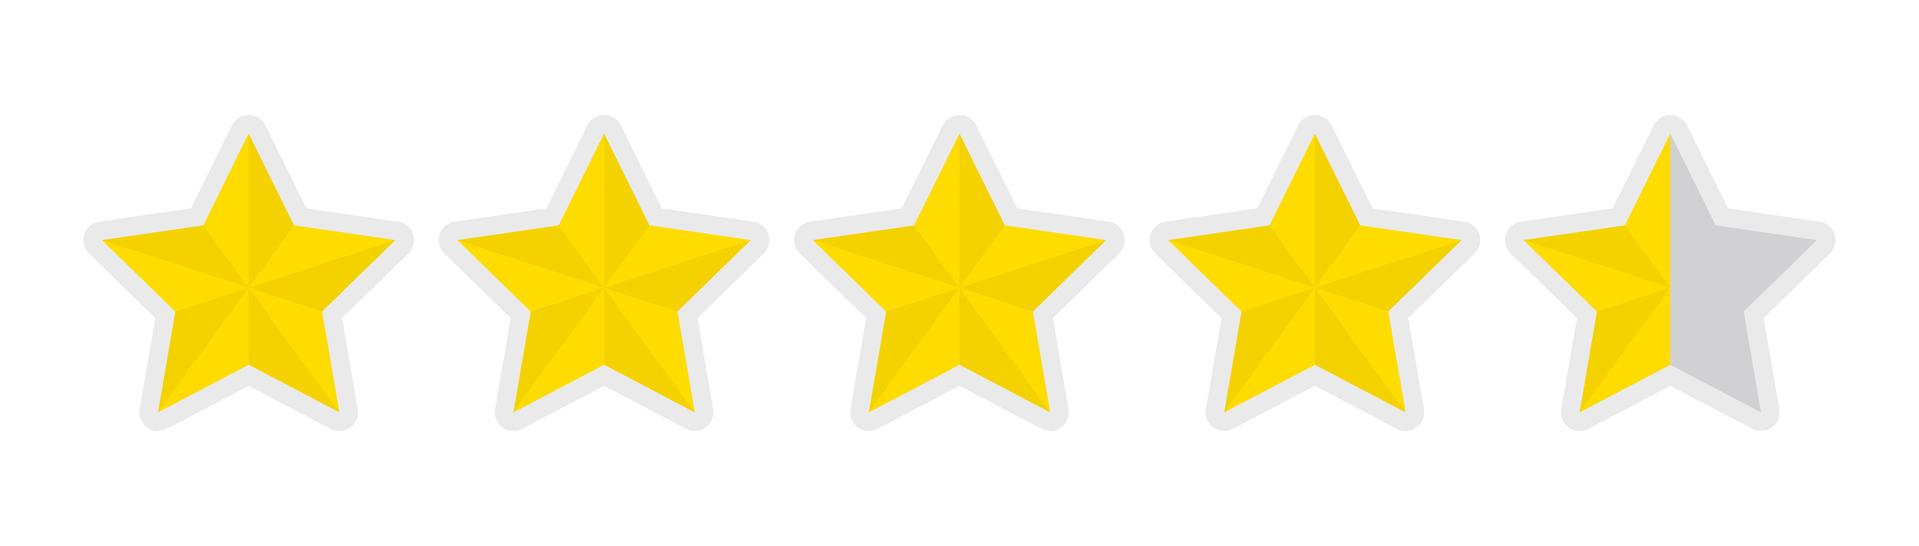 Four and a half stars.jpg